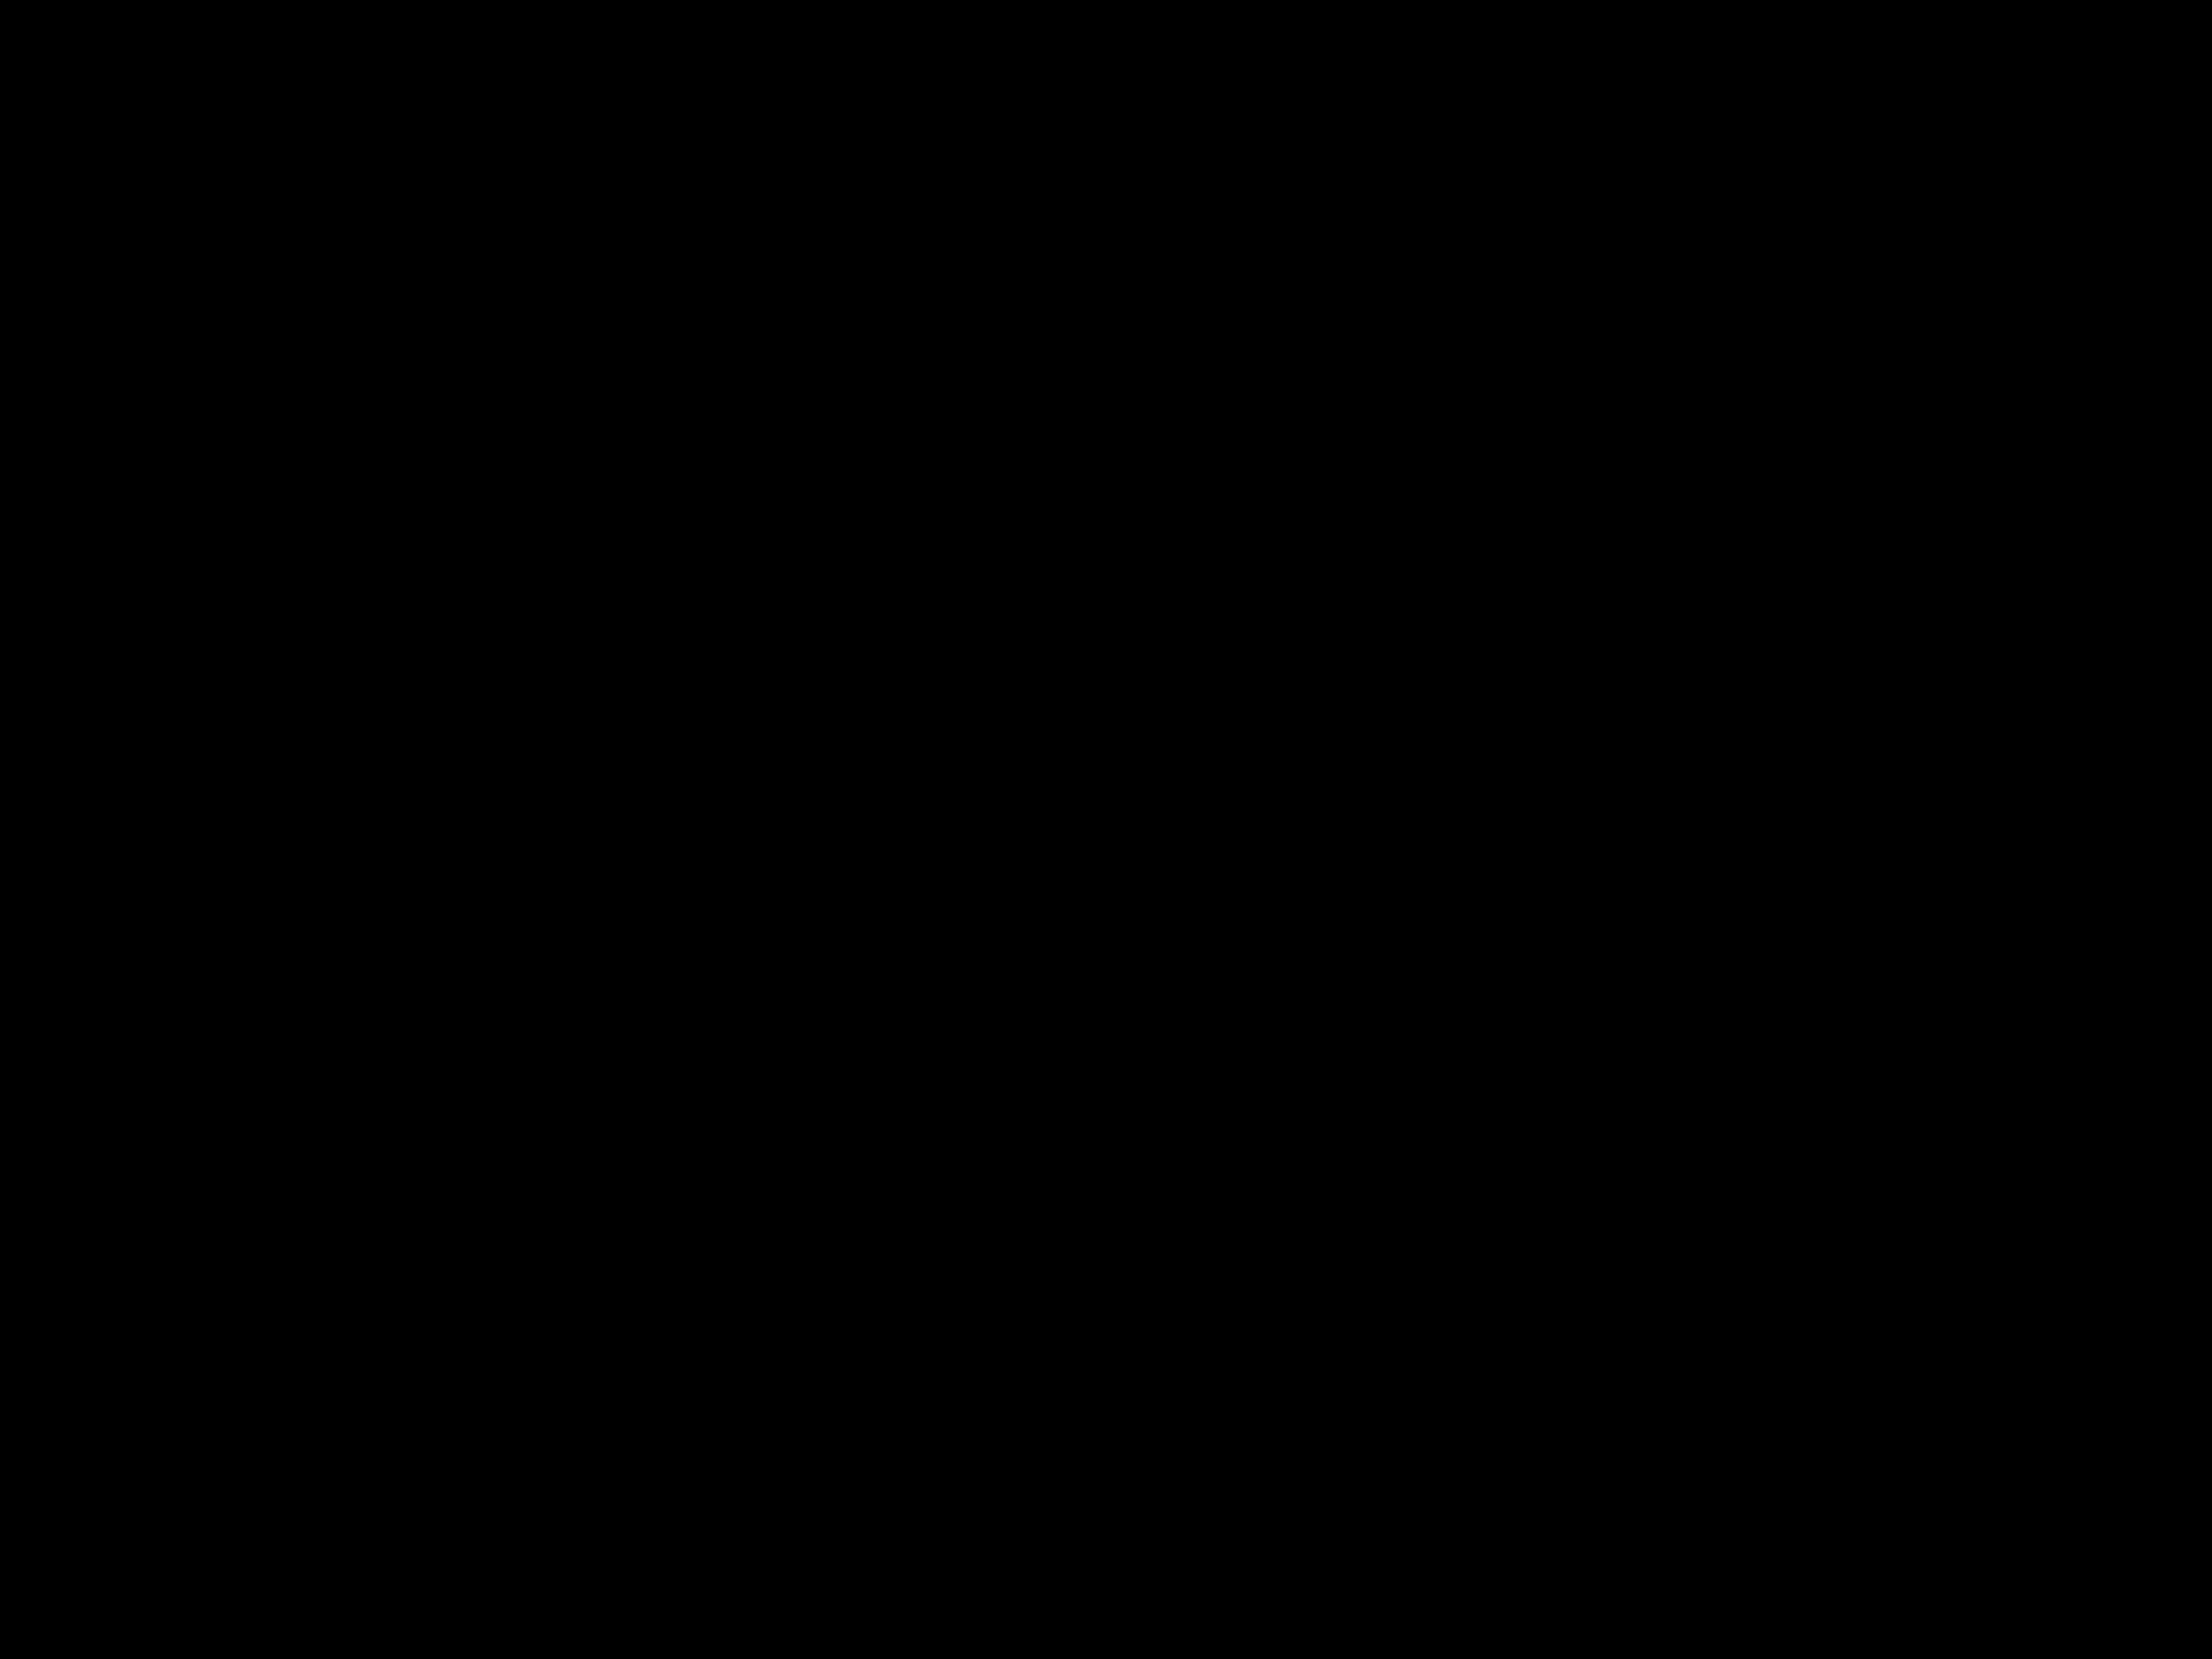 Berühmt Karton Auto Vorlage Fotos - Beispiel Anschreiben für ...